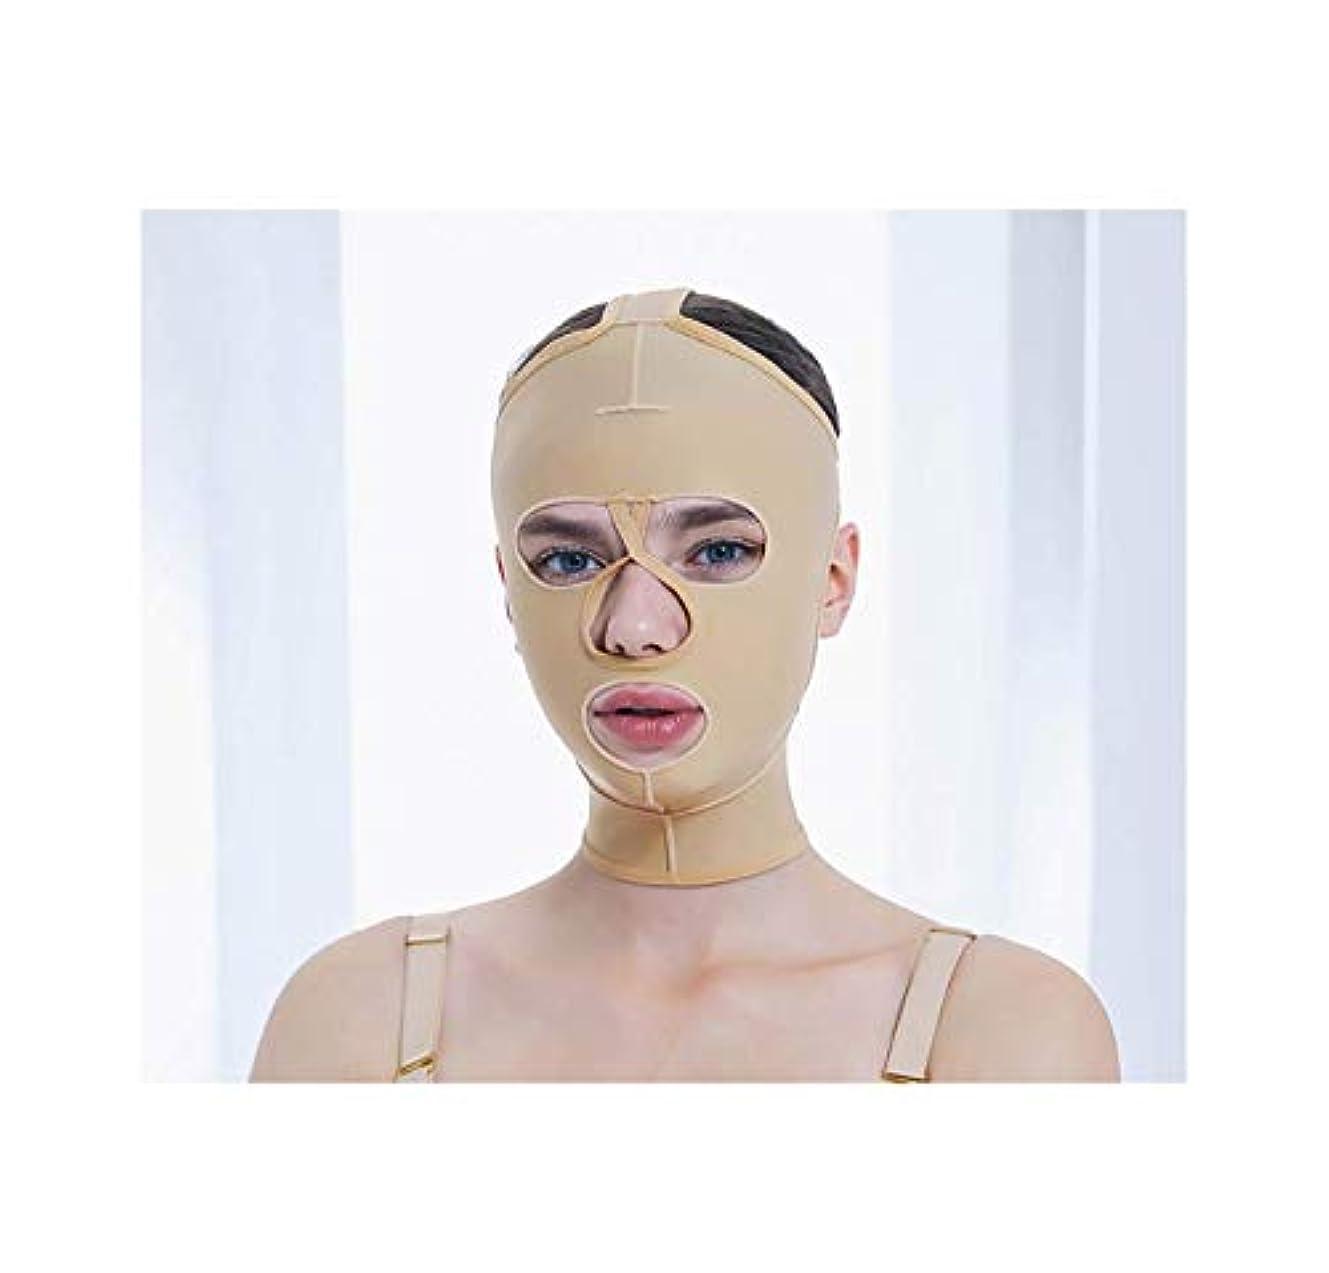 博物館ルーフ絶対のフェイス&ネックリフト、減量フェイスマスク脂肪吸引術脂肪吸引整形マスクフードフェイスリフティングアーティファクトVフェイスビームフェイス弾性スリーブ(サイズ:XS),M